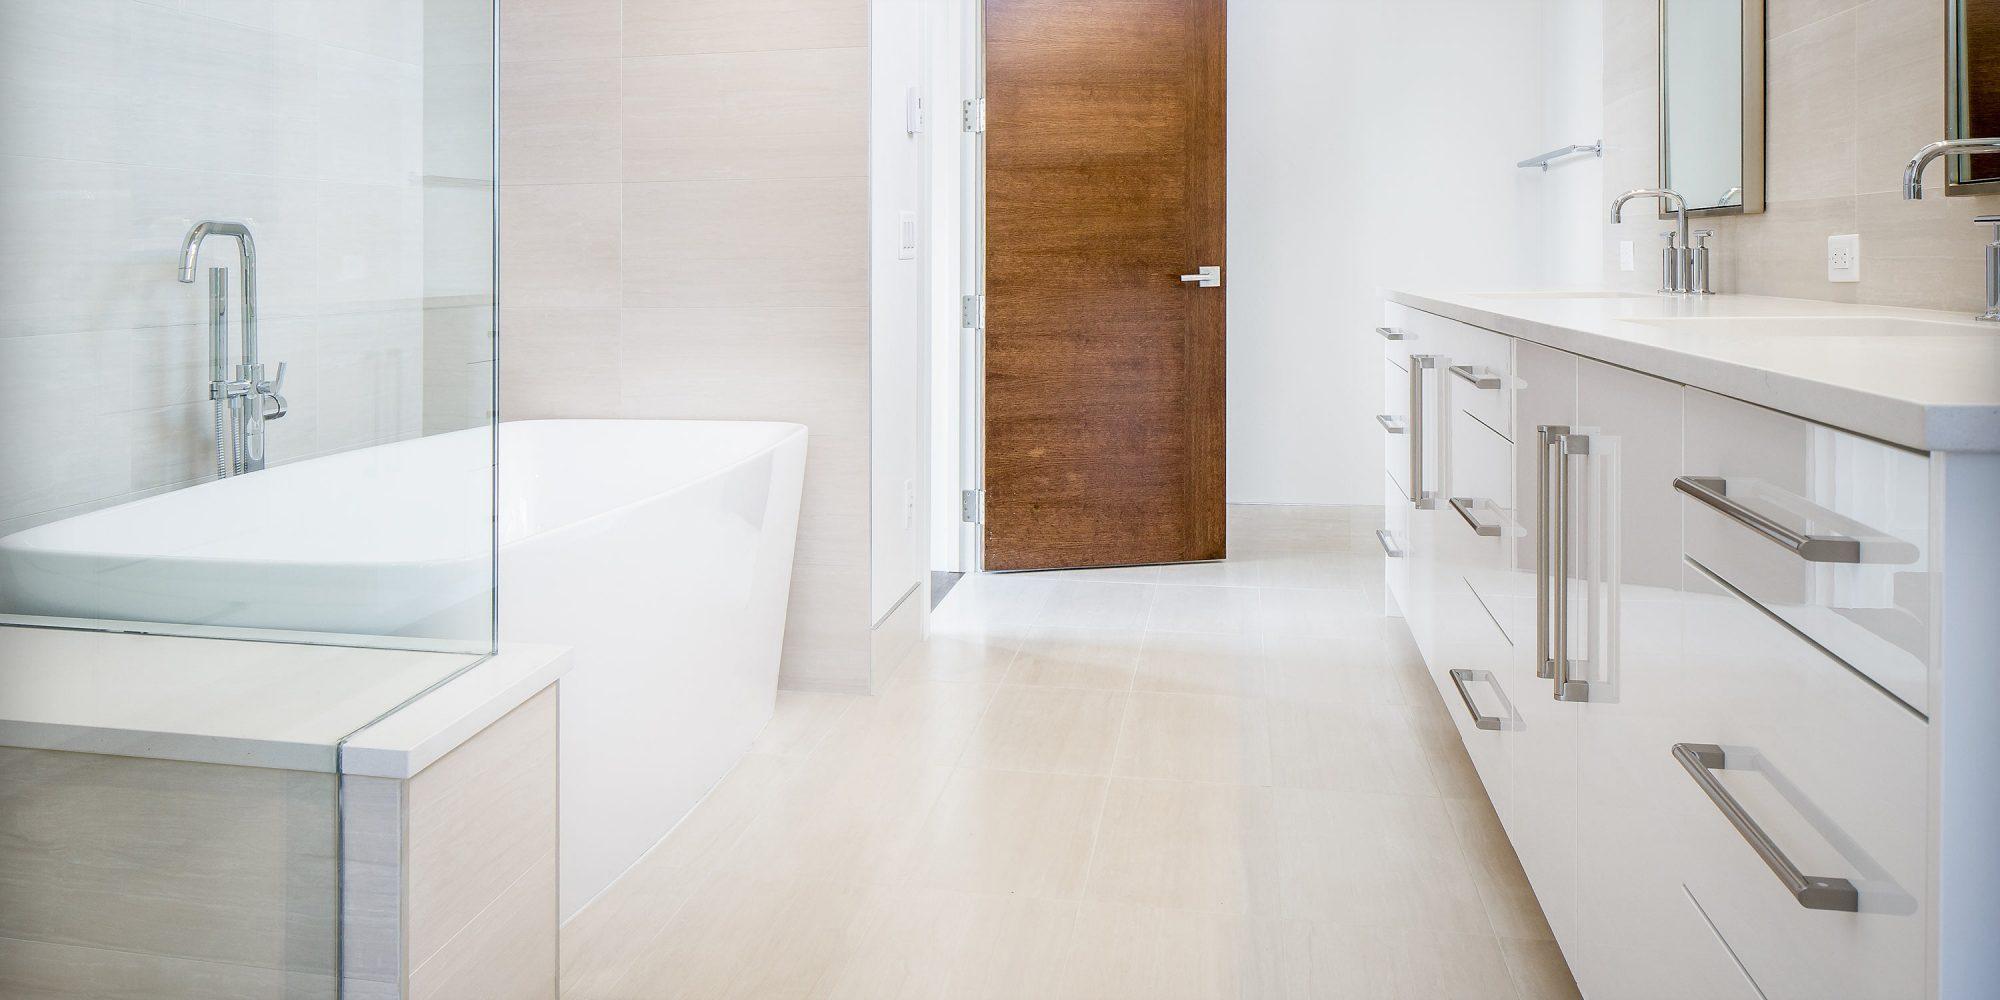 Custom Cabinets & Cabinet Design in Breckenridge, Summit County, CO